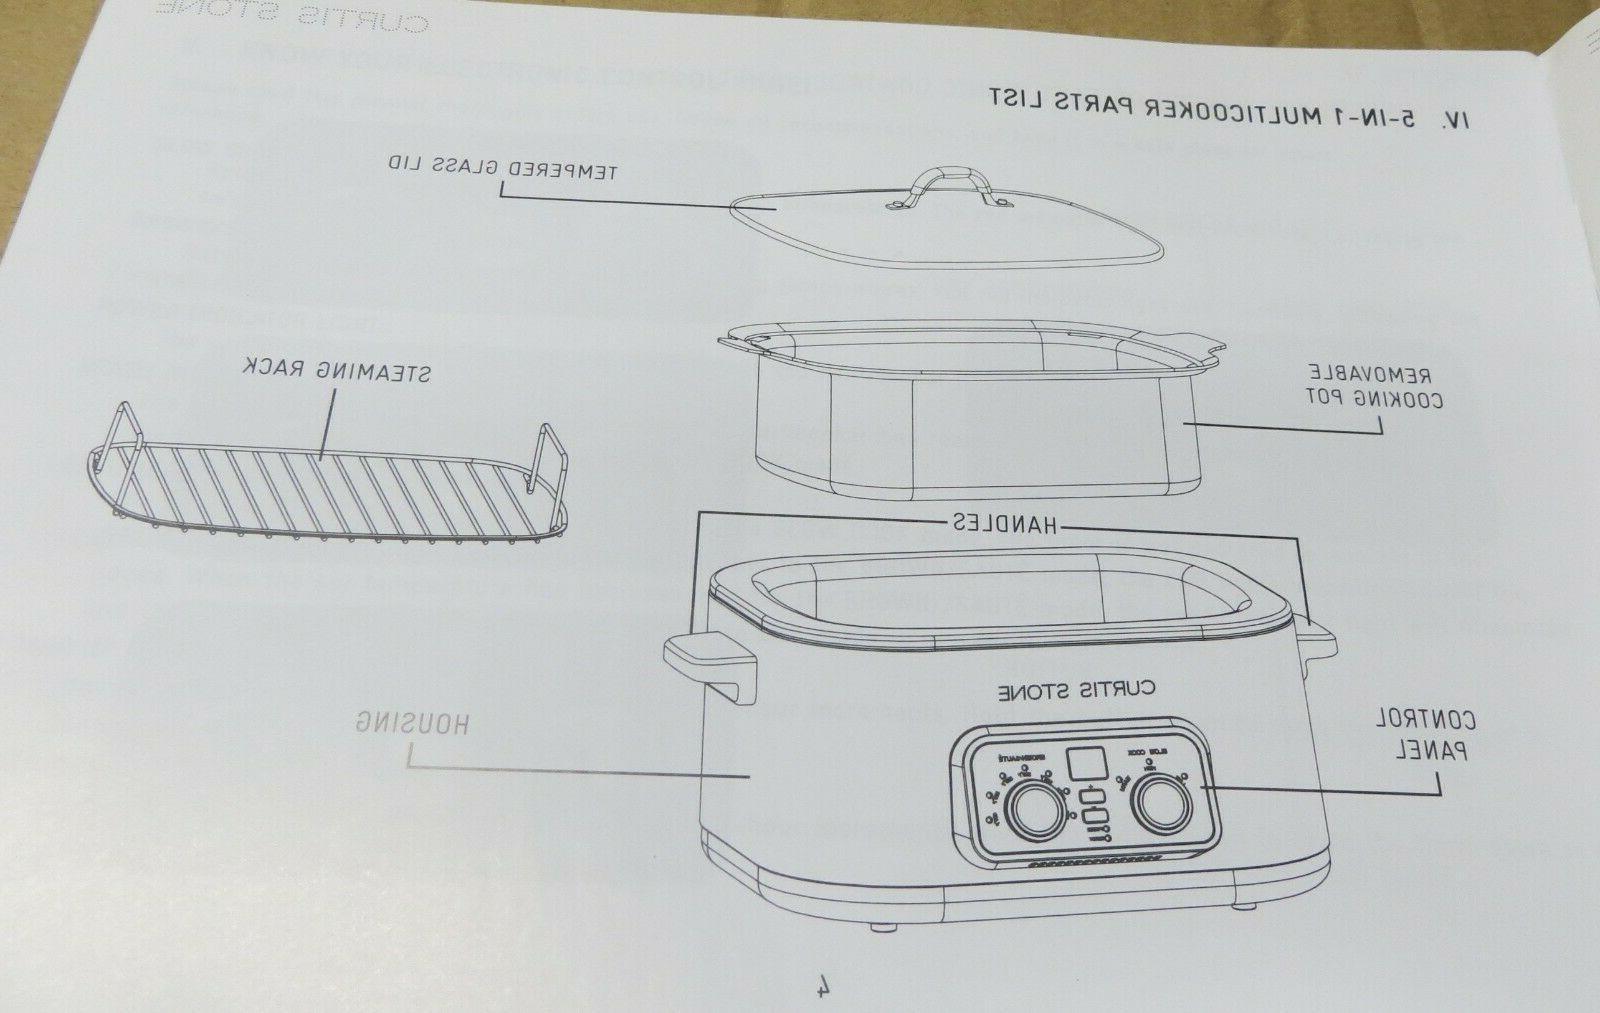 STONE COLOR BRAND NEW - Stone Qt 5 Multicooker